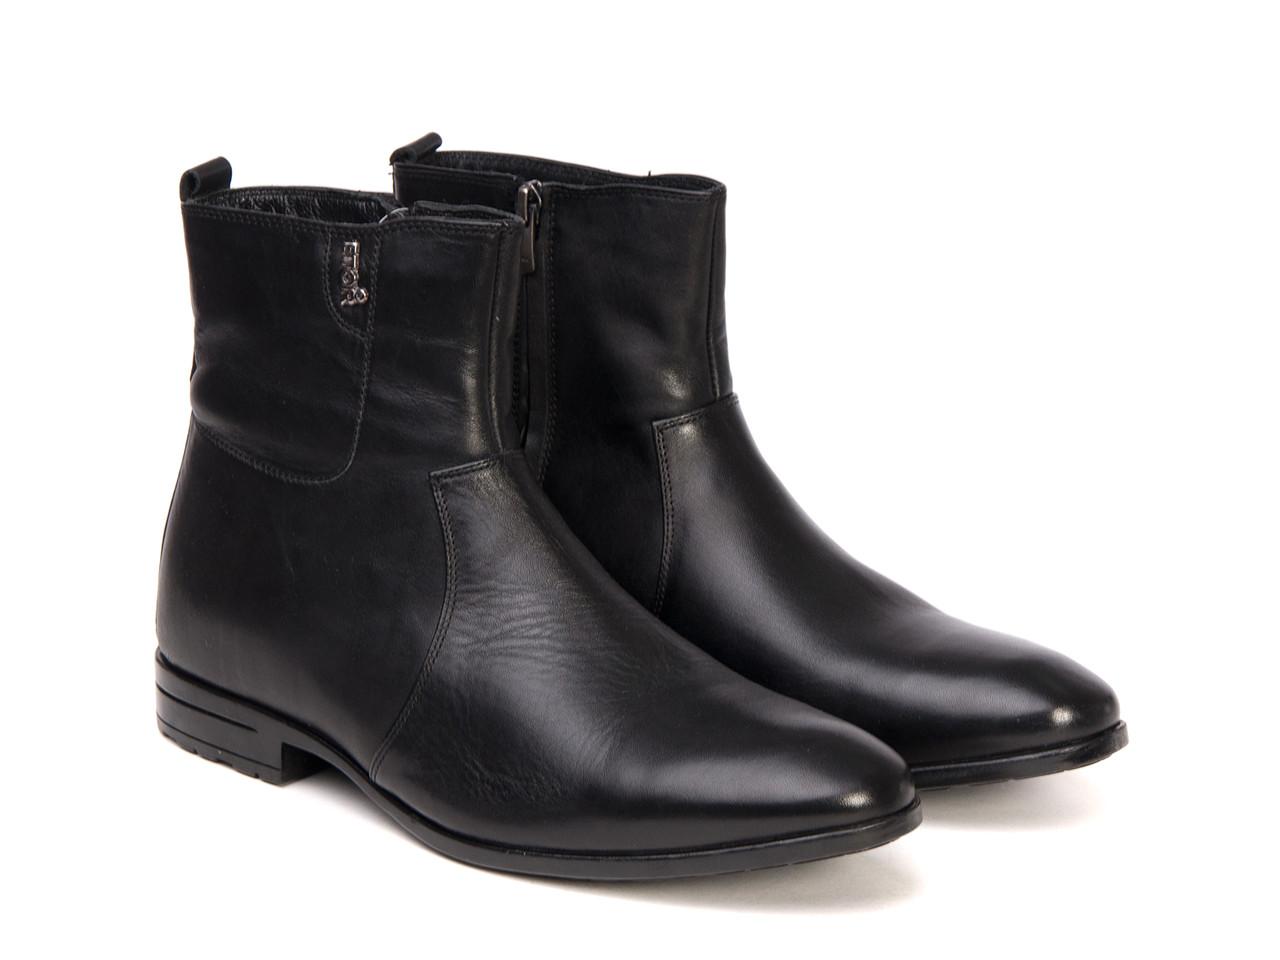 Ботинки Etor 1180-7040 черные